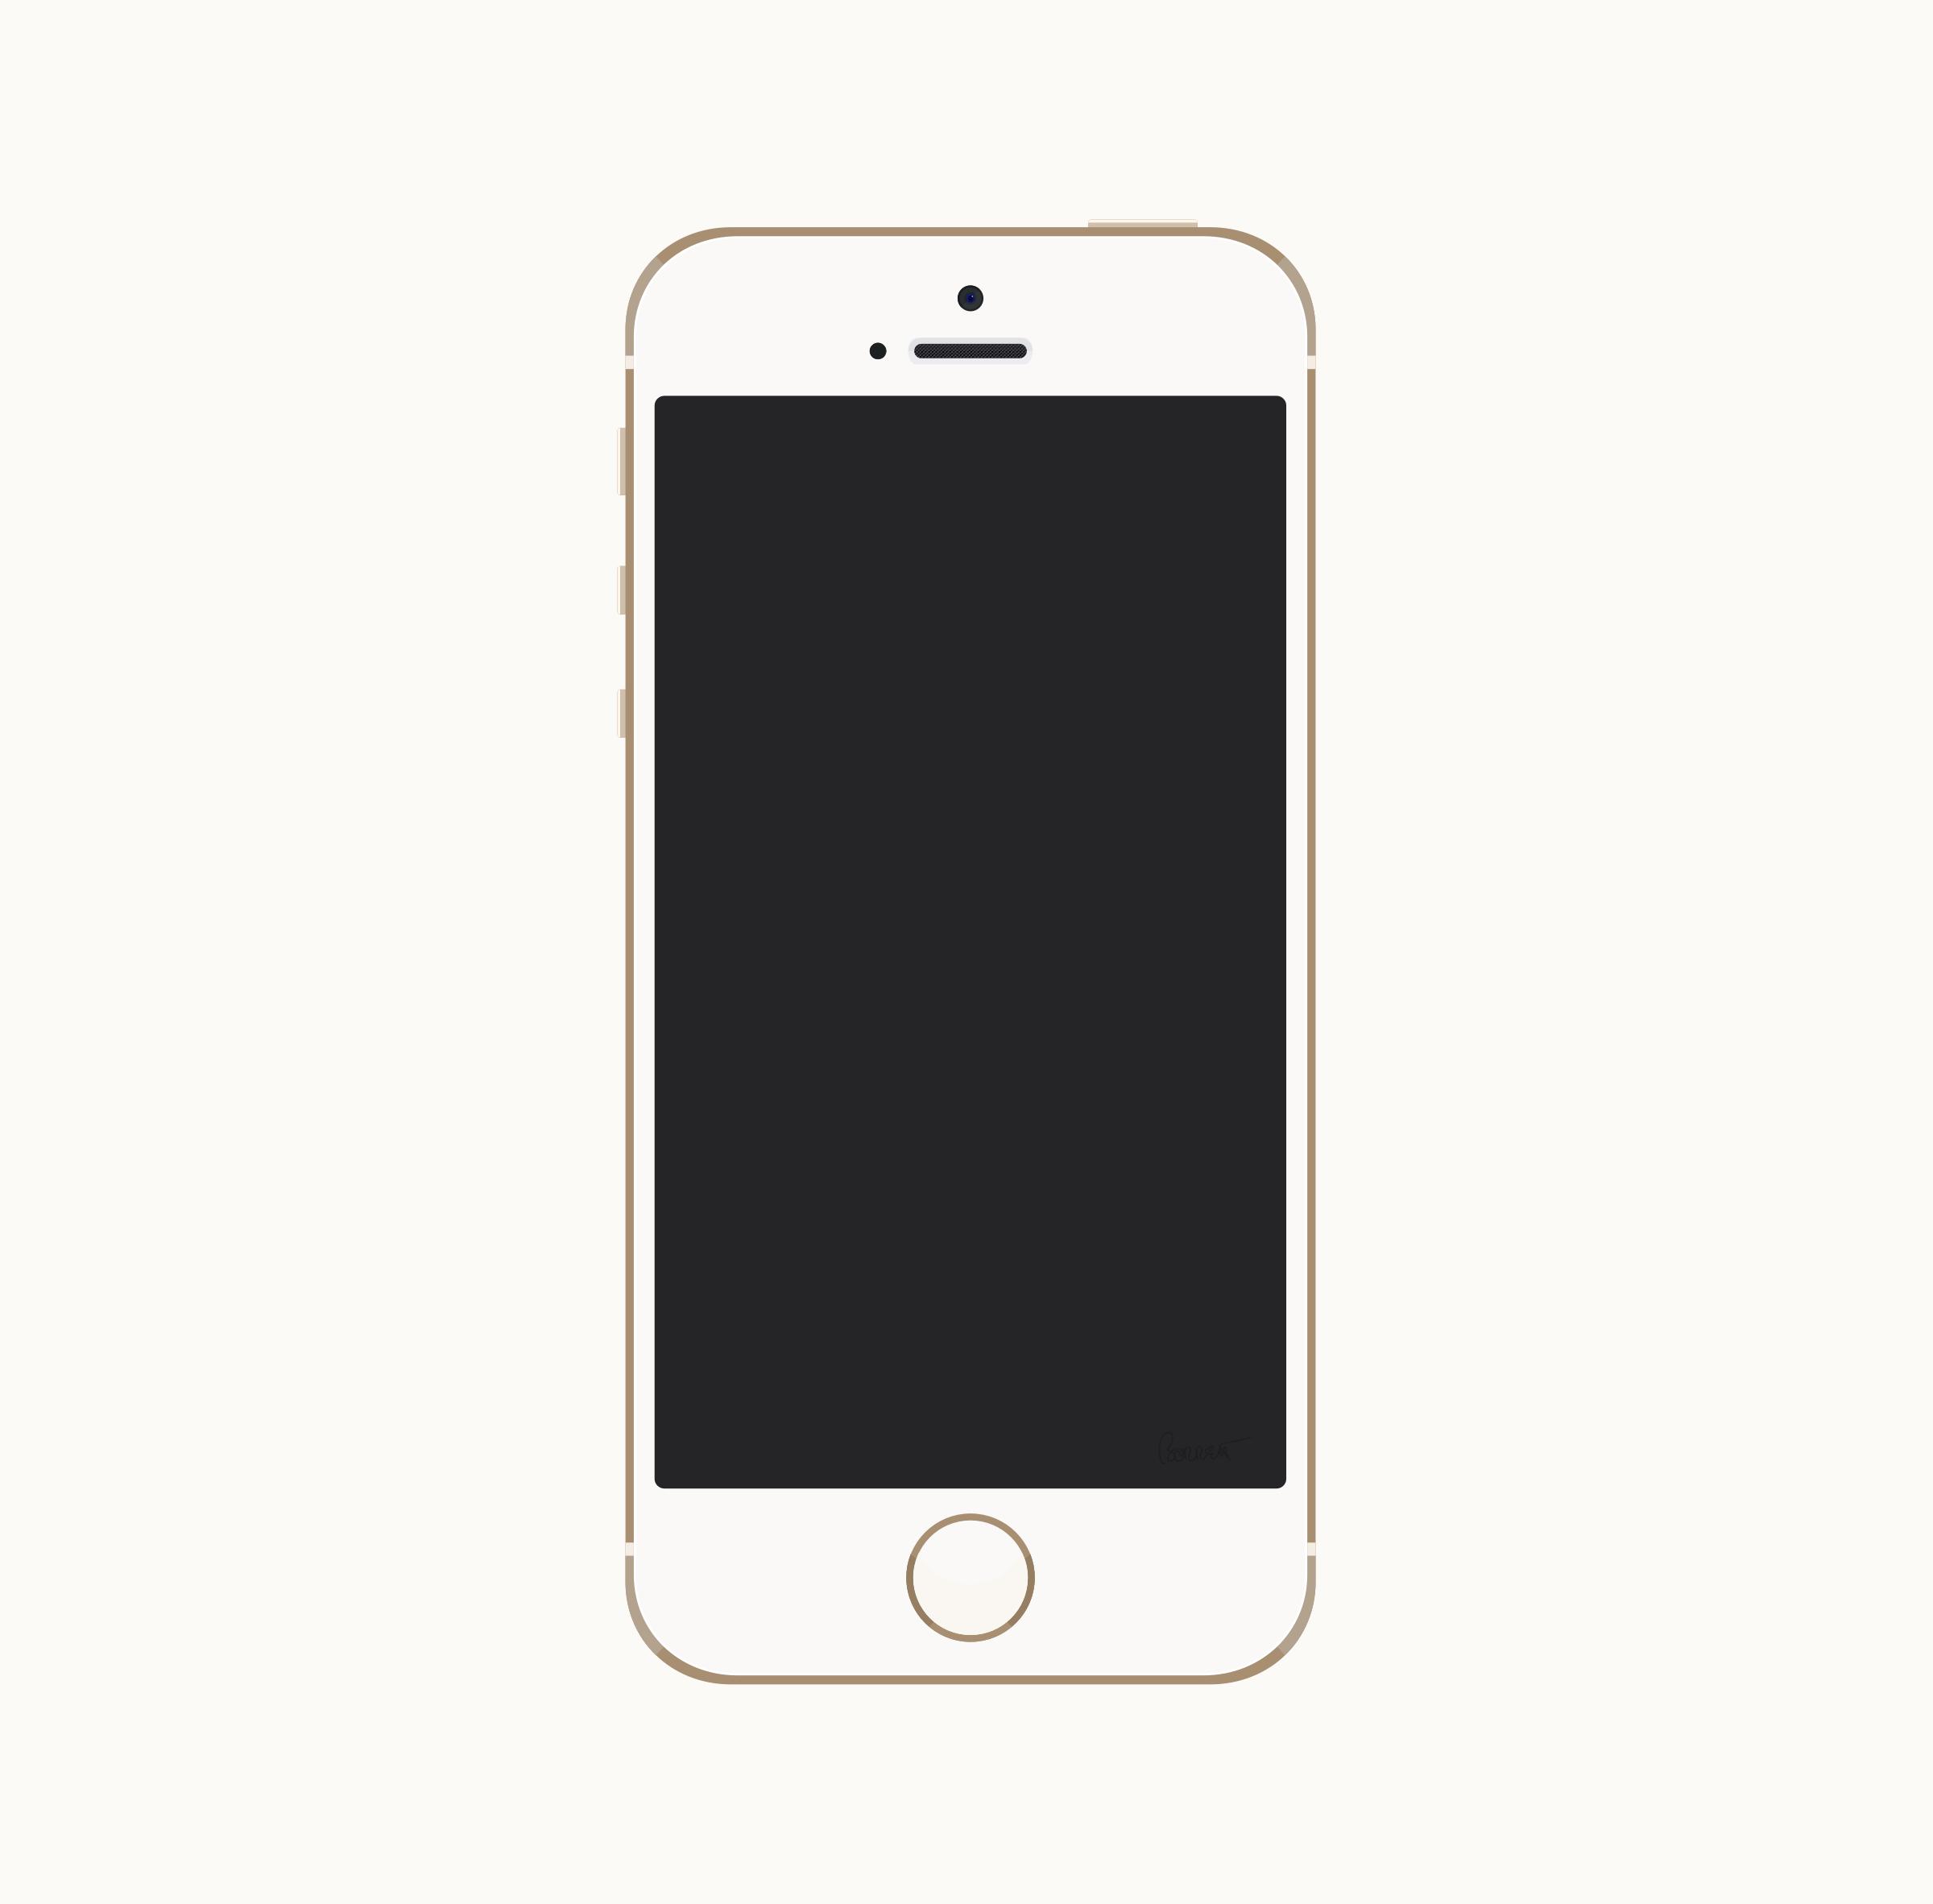 Iphone Cell Phone Clip Art ..-Iphone Cell Phone Clip Art ..-11